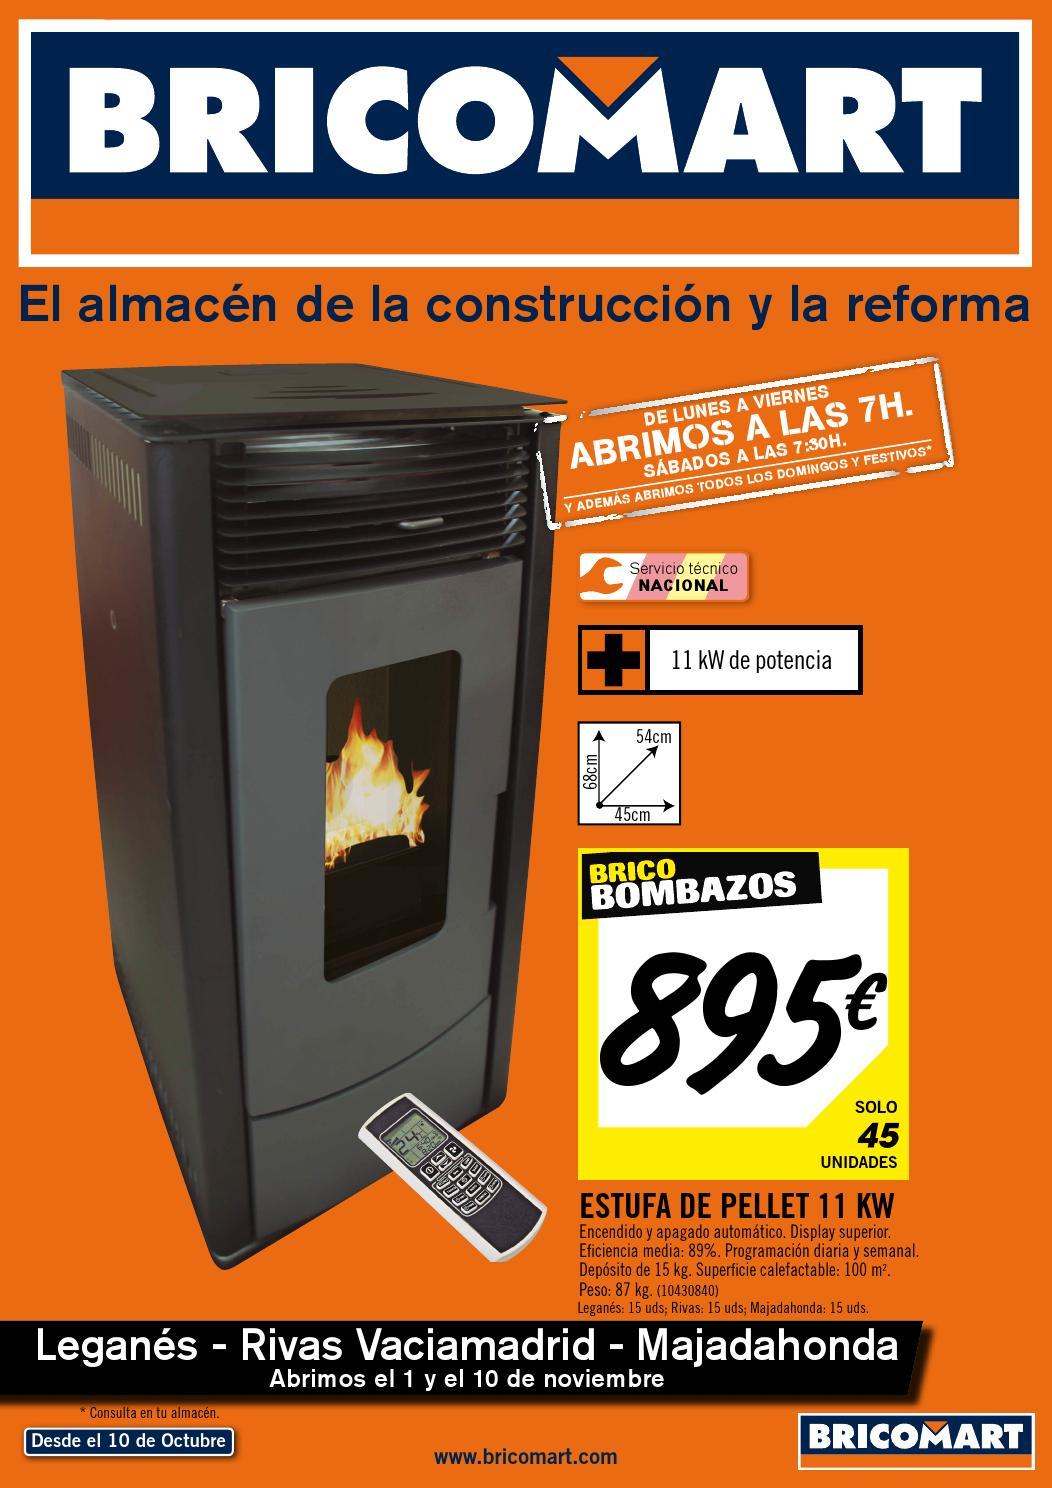 Calefaccin de pellets con radiadores free com estufas en - Pellets bricomart ...